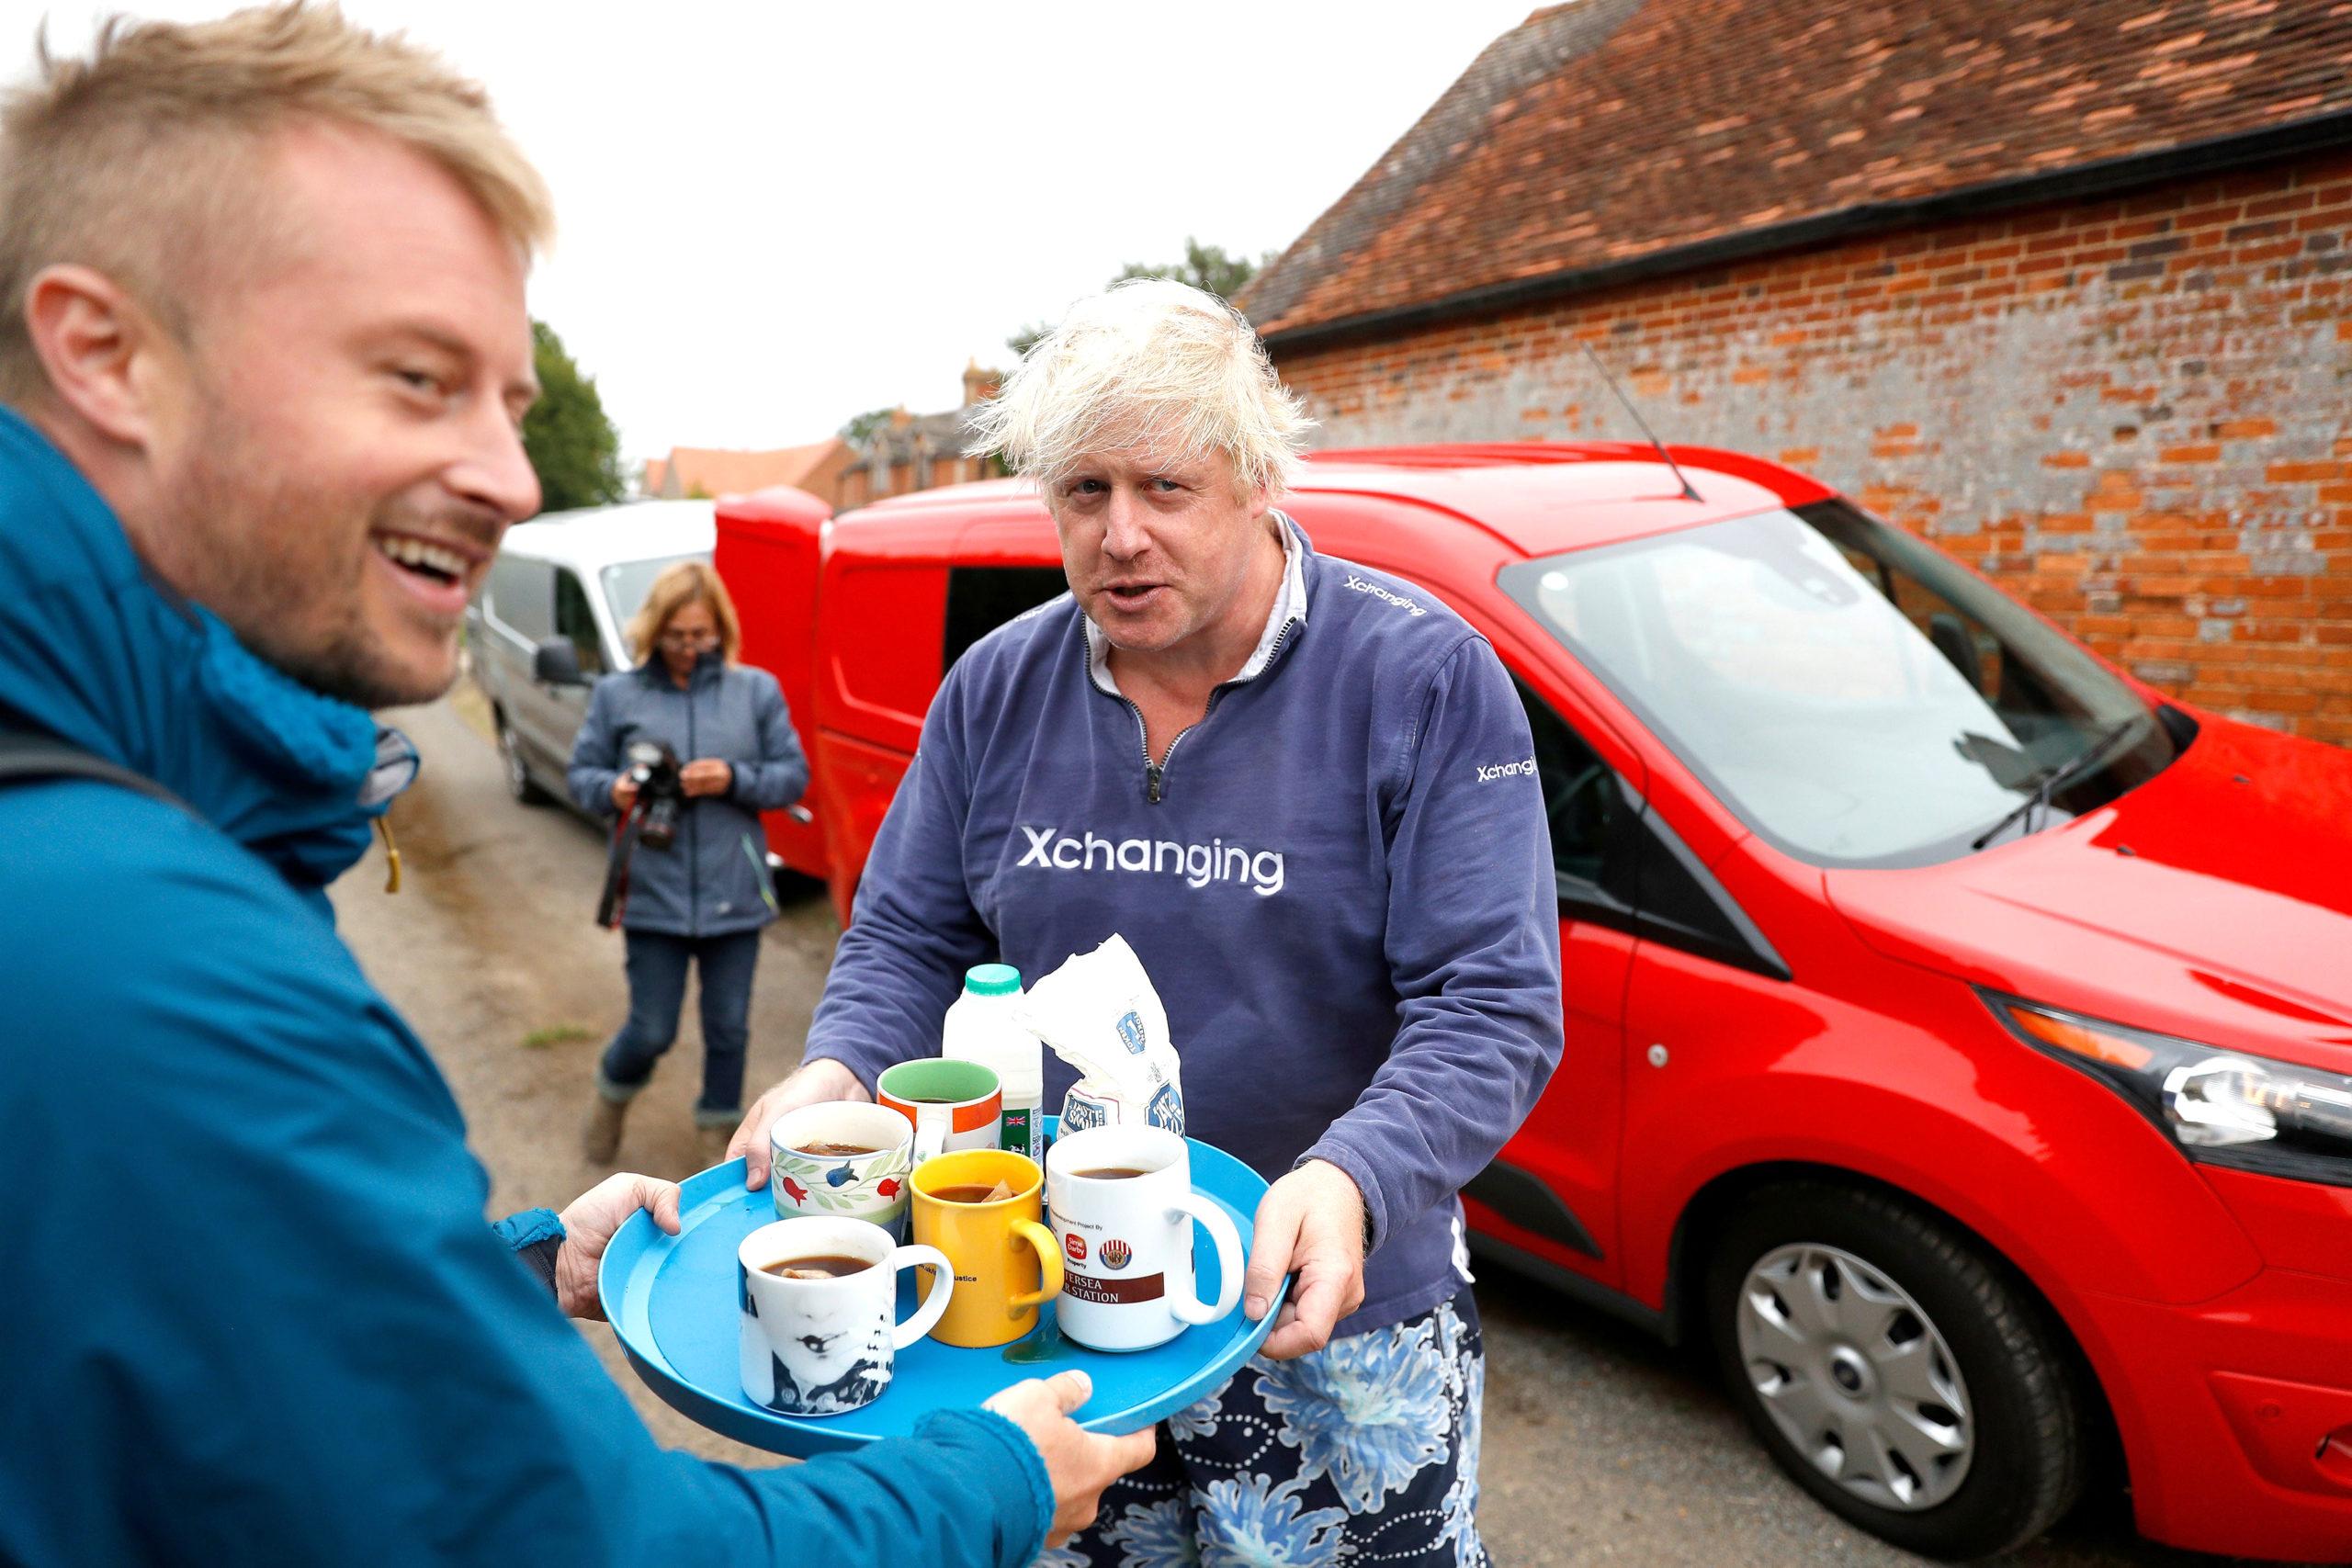 Chê lương thấp, Thủ tướng Anh cân nhắc từ chức - Ảnh 2